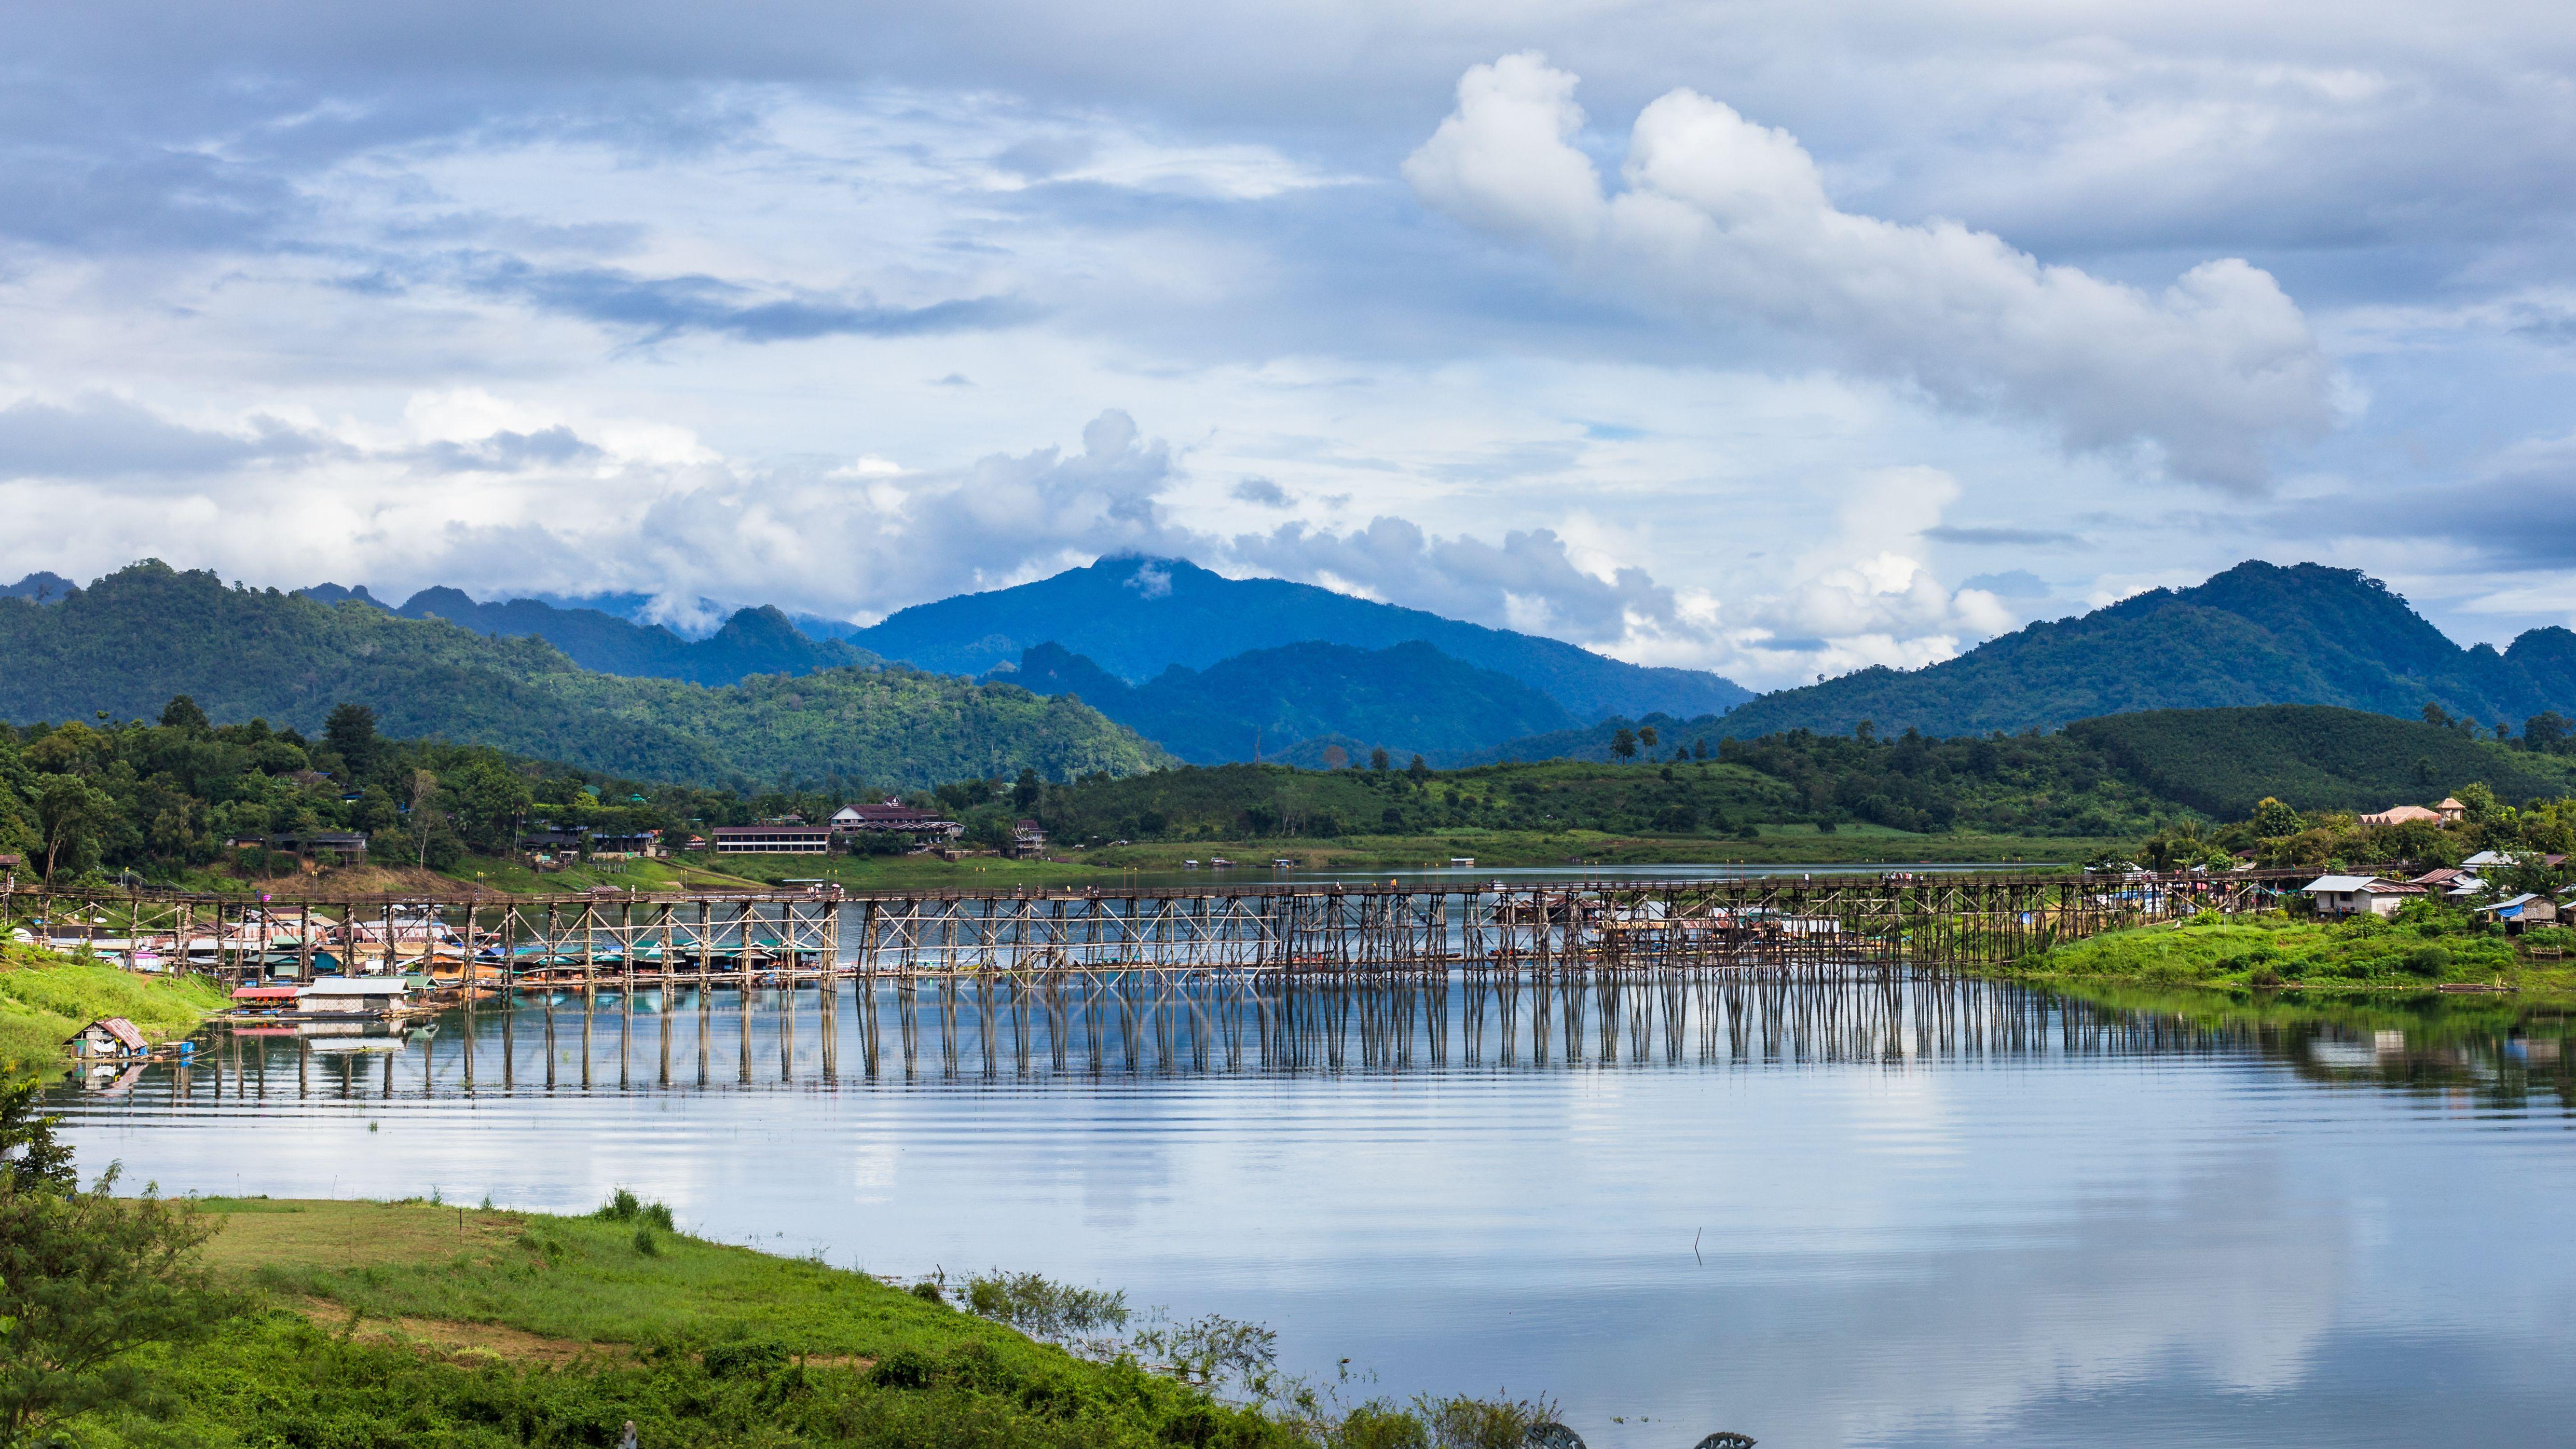 Puente en Kanchanaburi, Tailandia